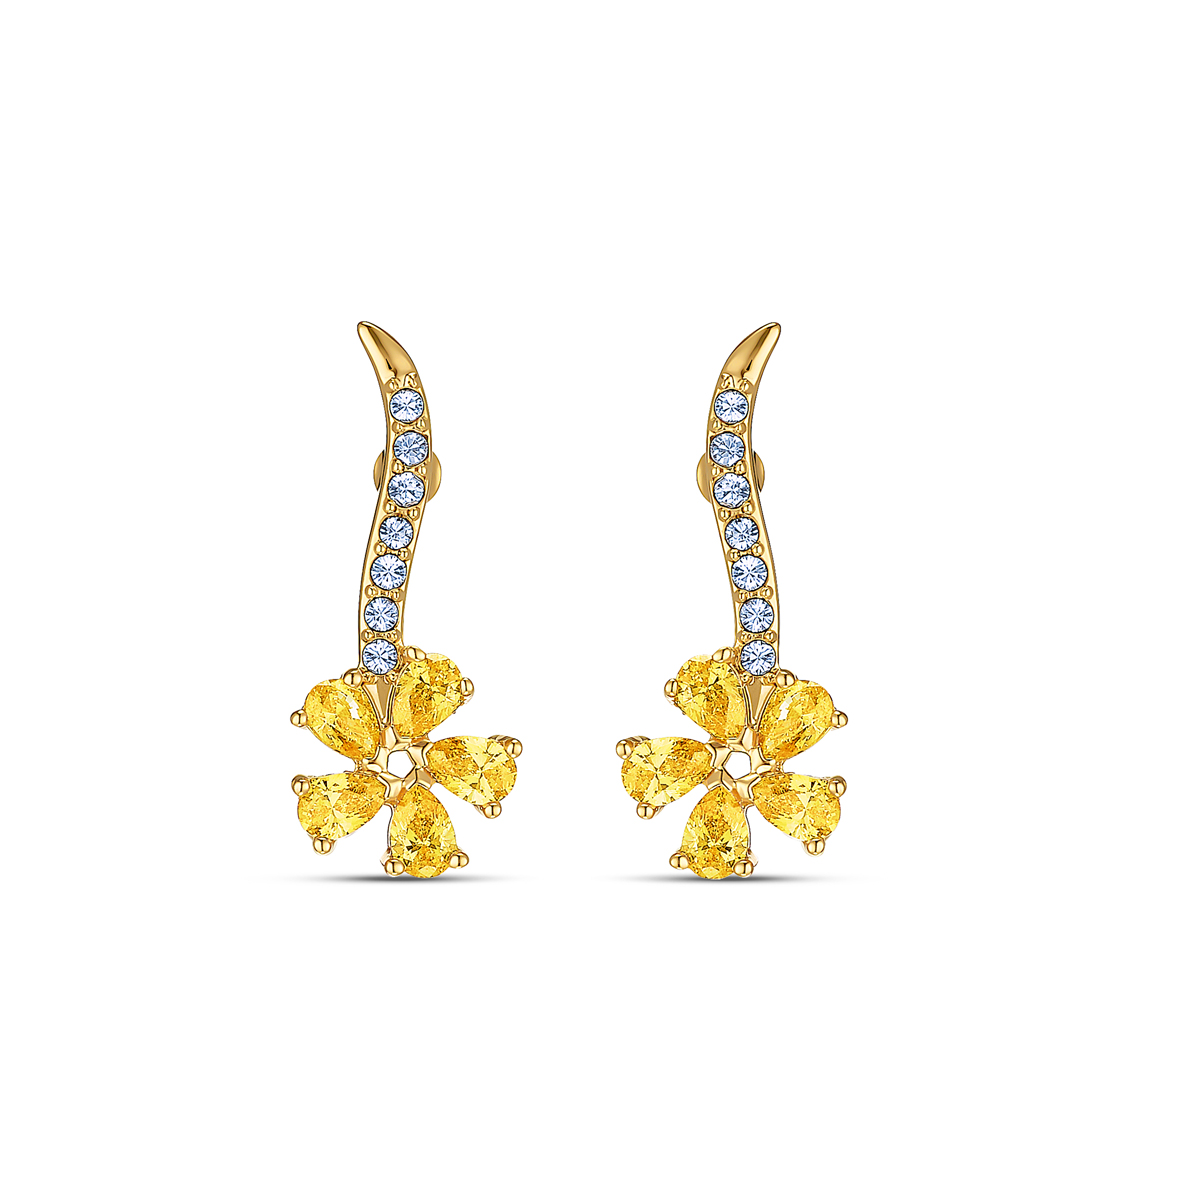 Swarovski Botanical Pierced Earrings Flower Gold